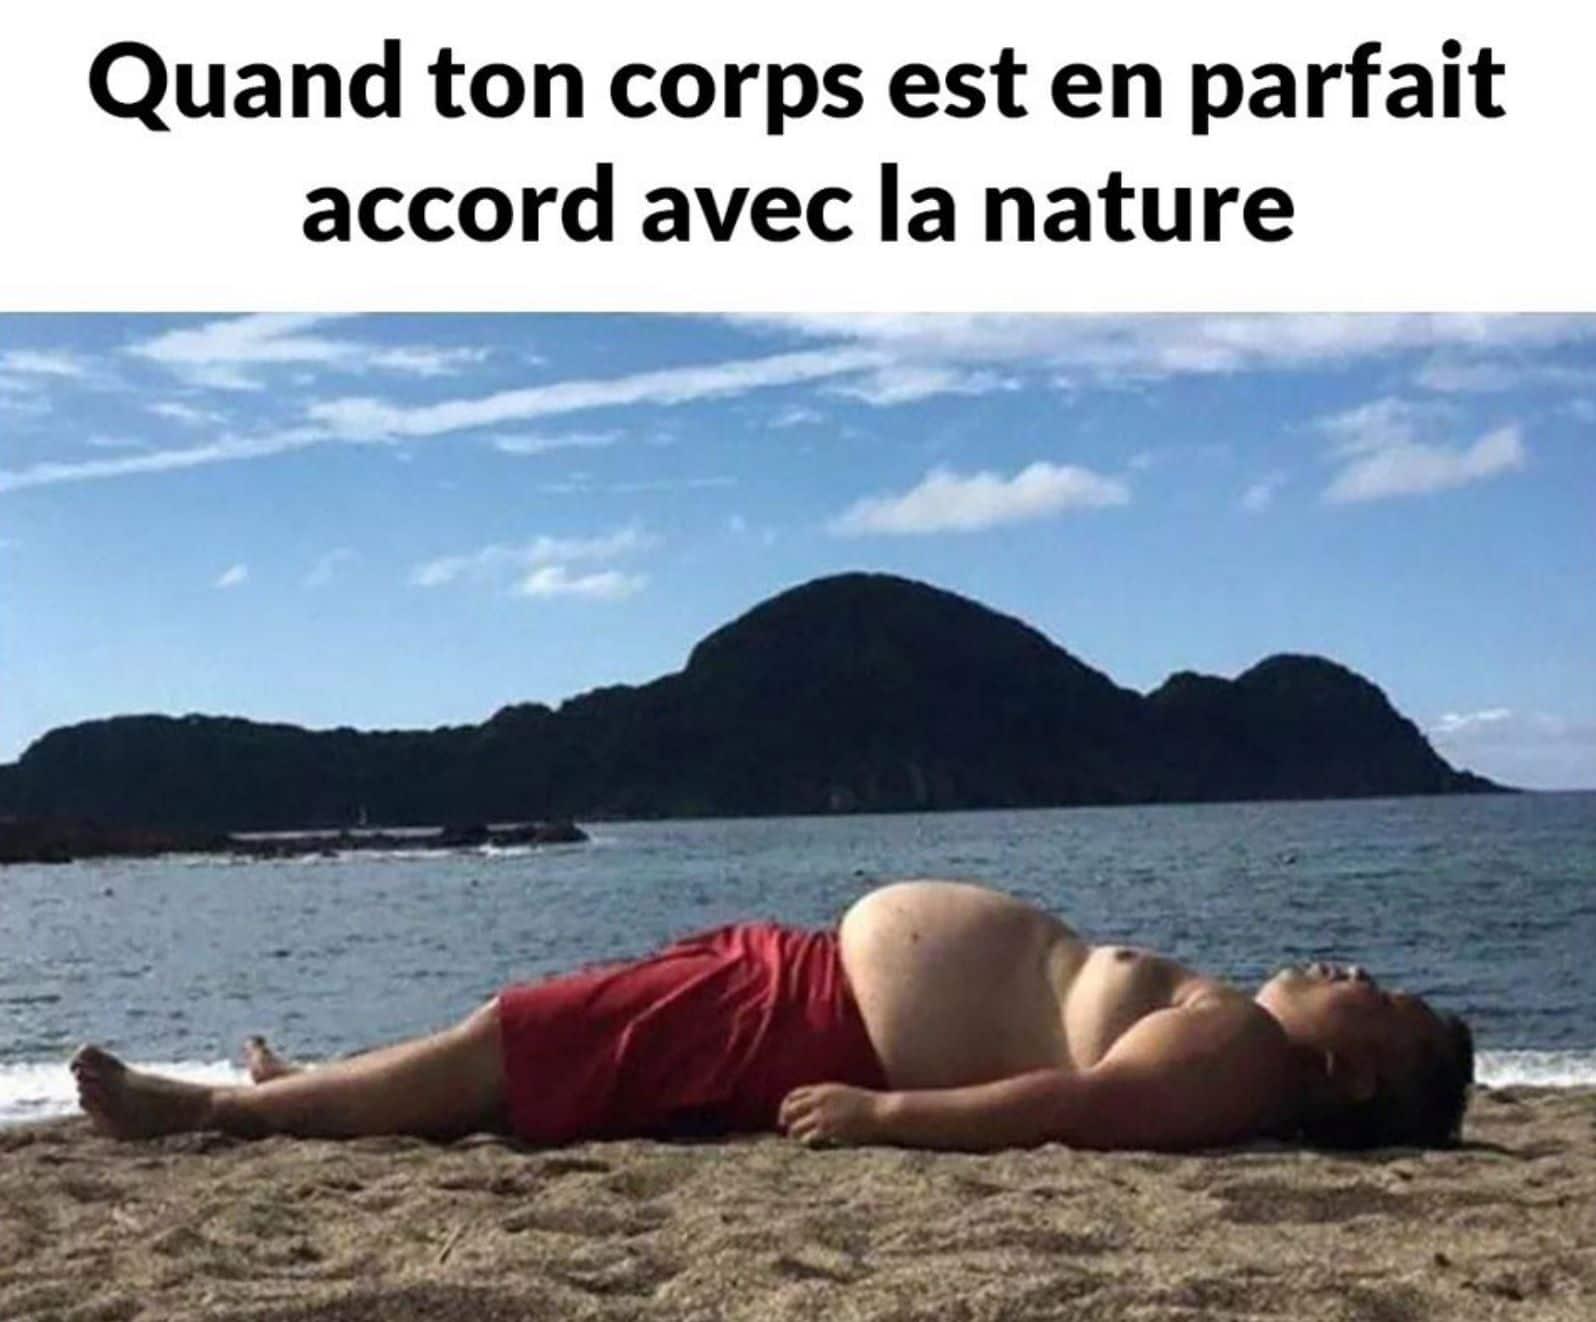 Quand ton corps est en parfait accord avec la nature